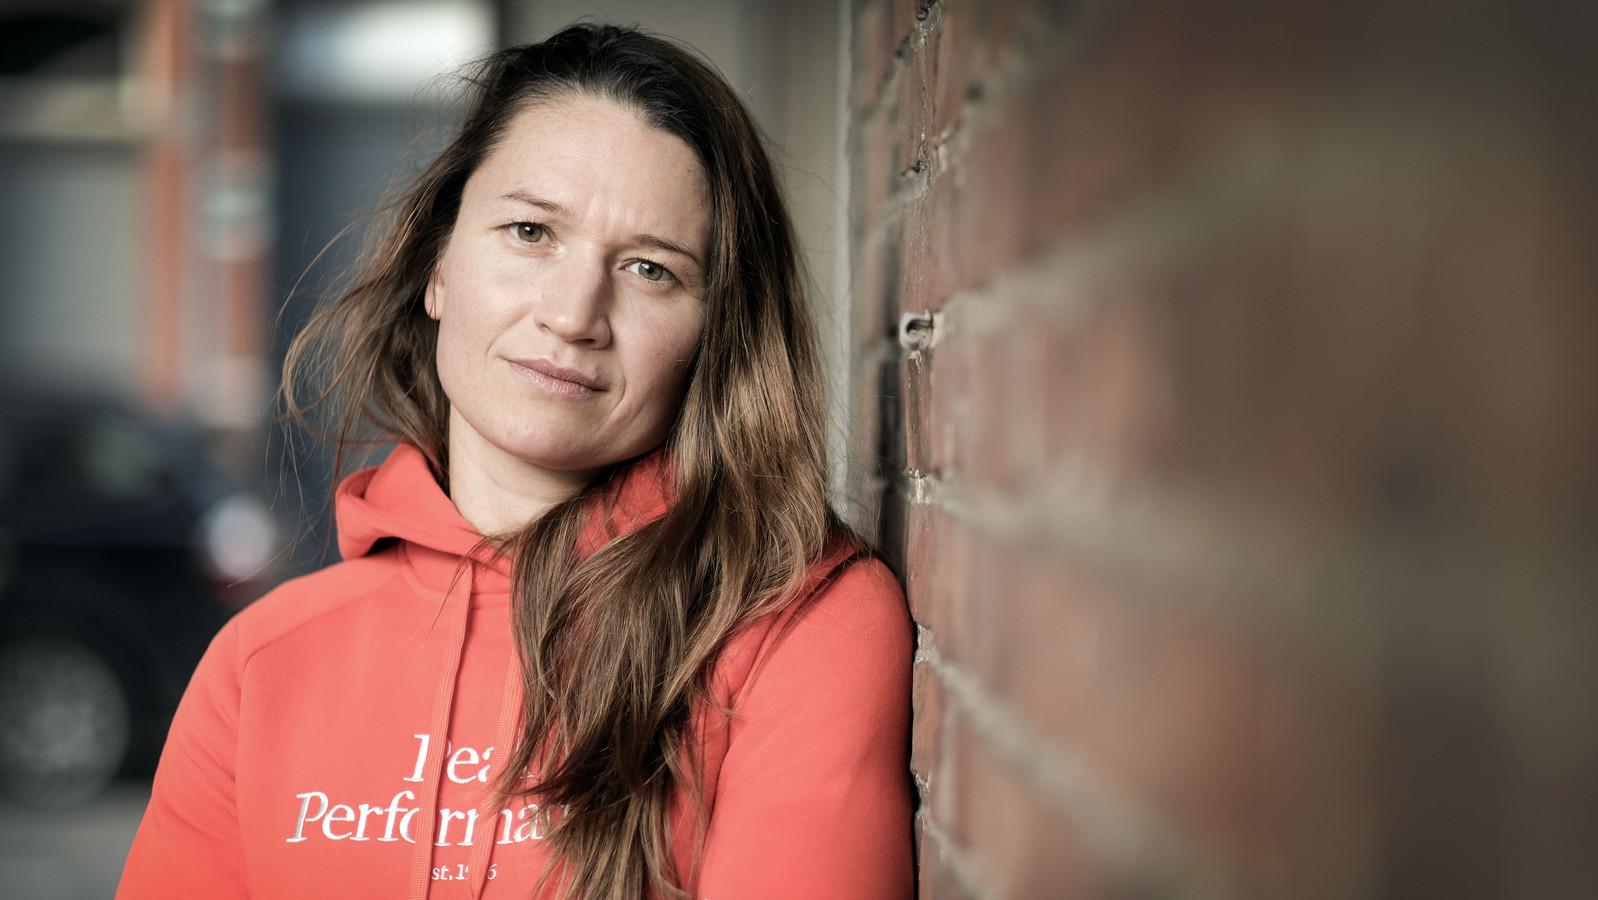 Oshin Derieuw werd wereldkampioene boksen bij de lichtgewichten. In haar eigen dorp, Kuurne, voelt ze zich goed, maar in grote steden is dat vaak anders.